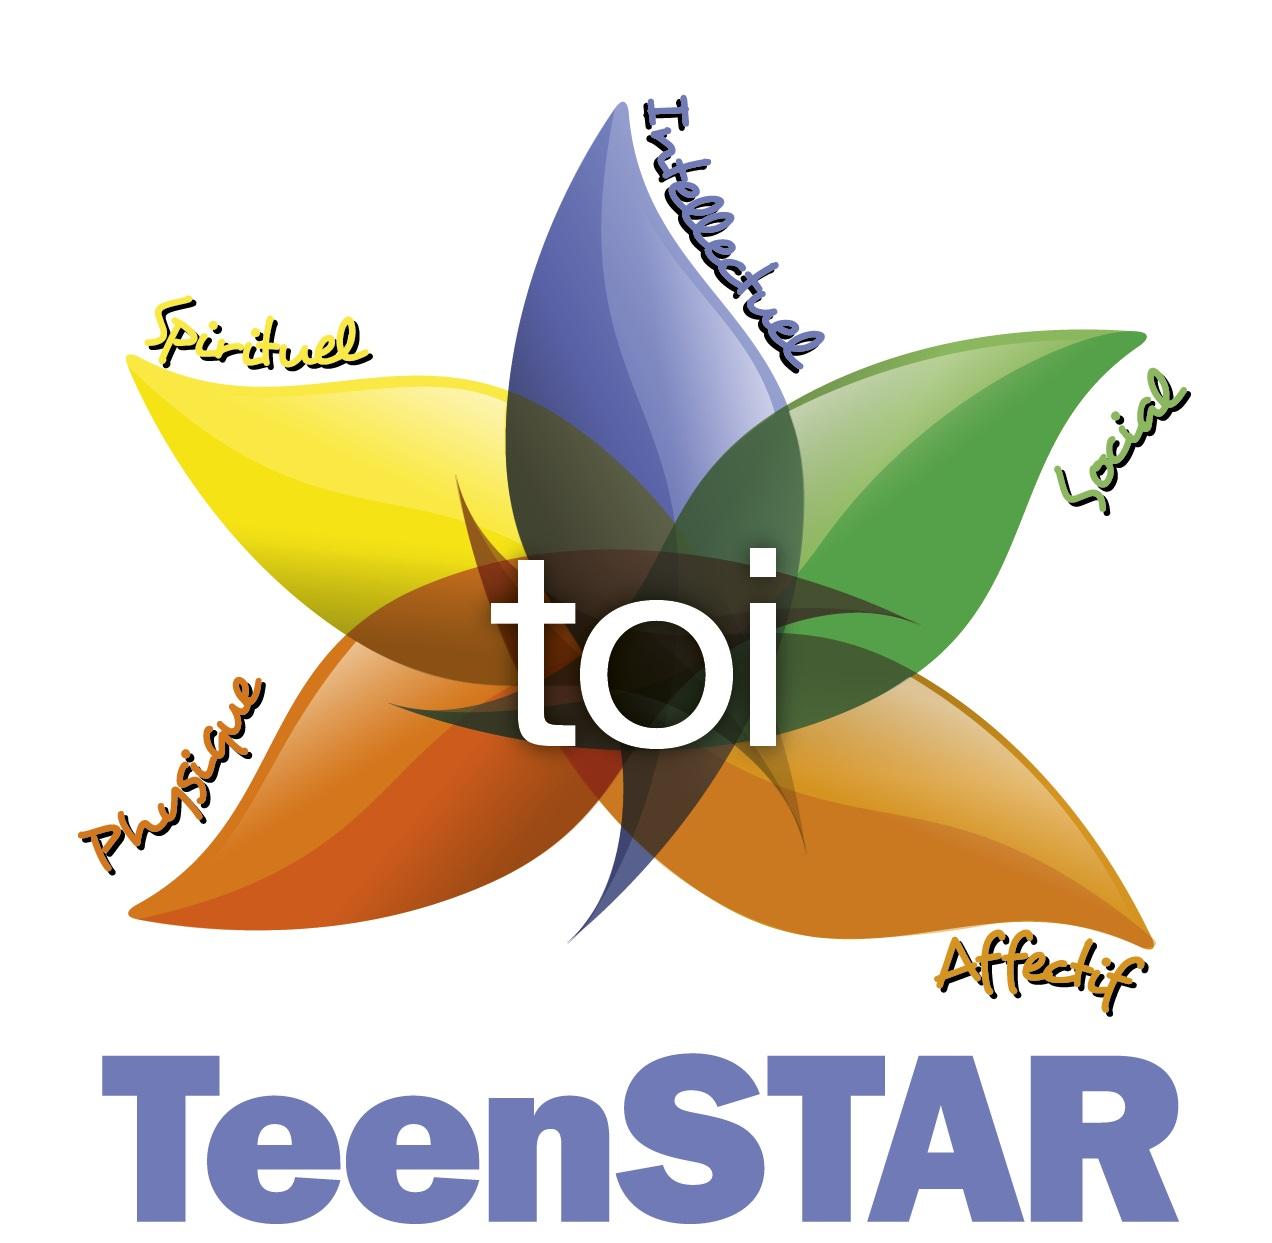 Session de formation d'animateurs TeenSTAR du 20 au 24 octobre 2018 à Reims (51)